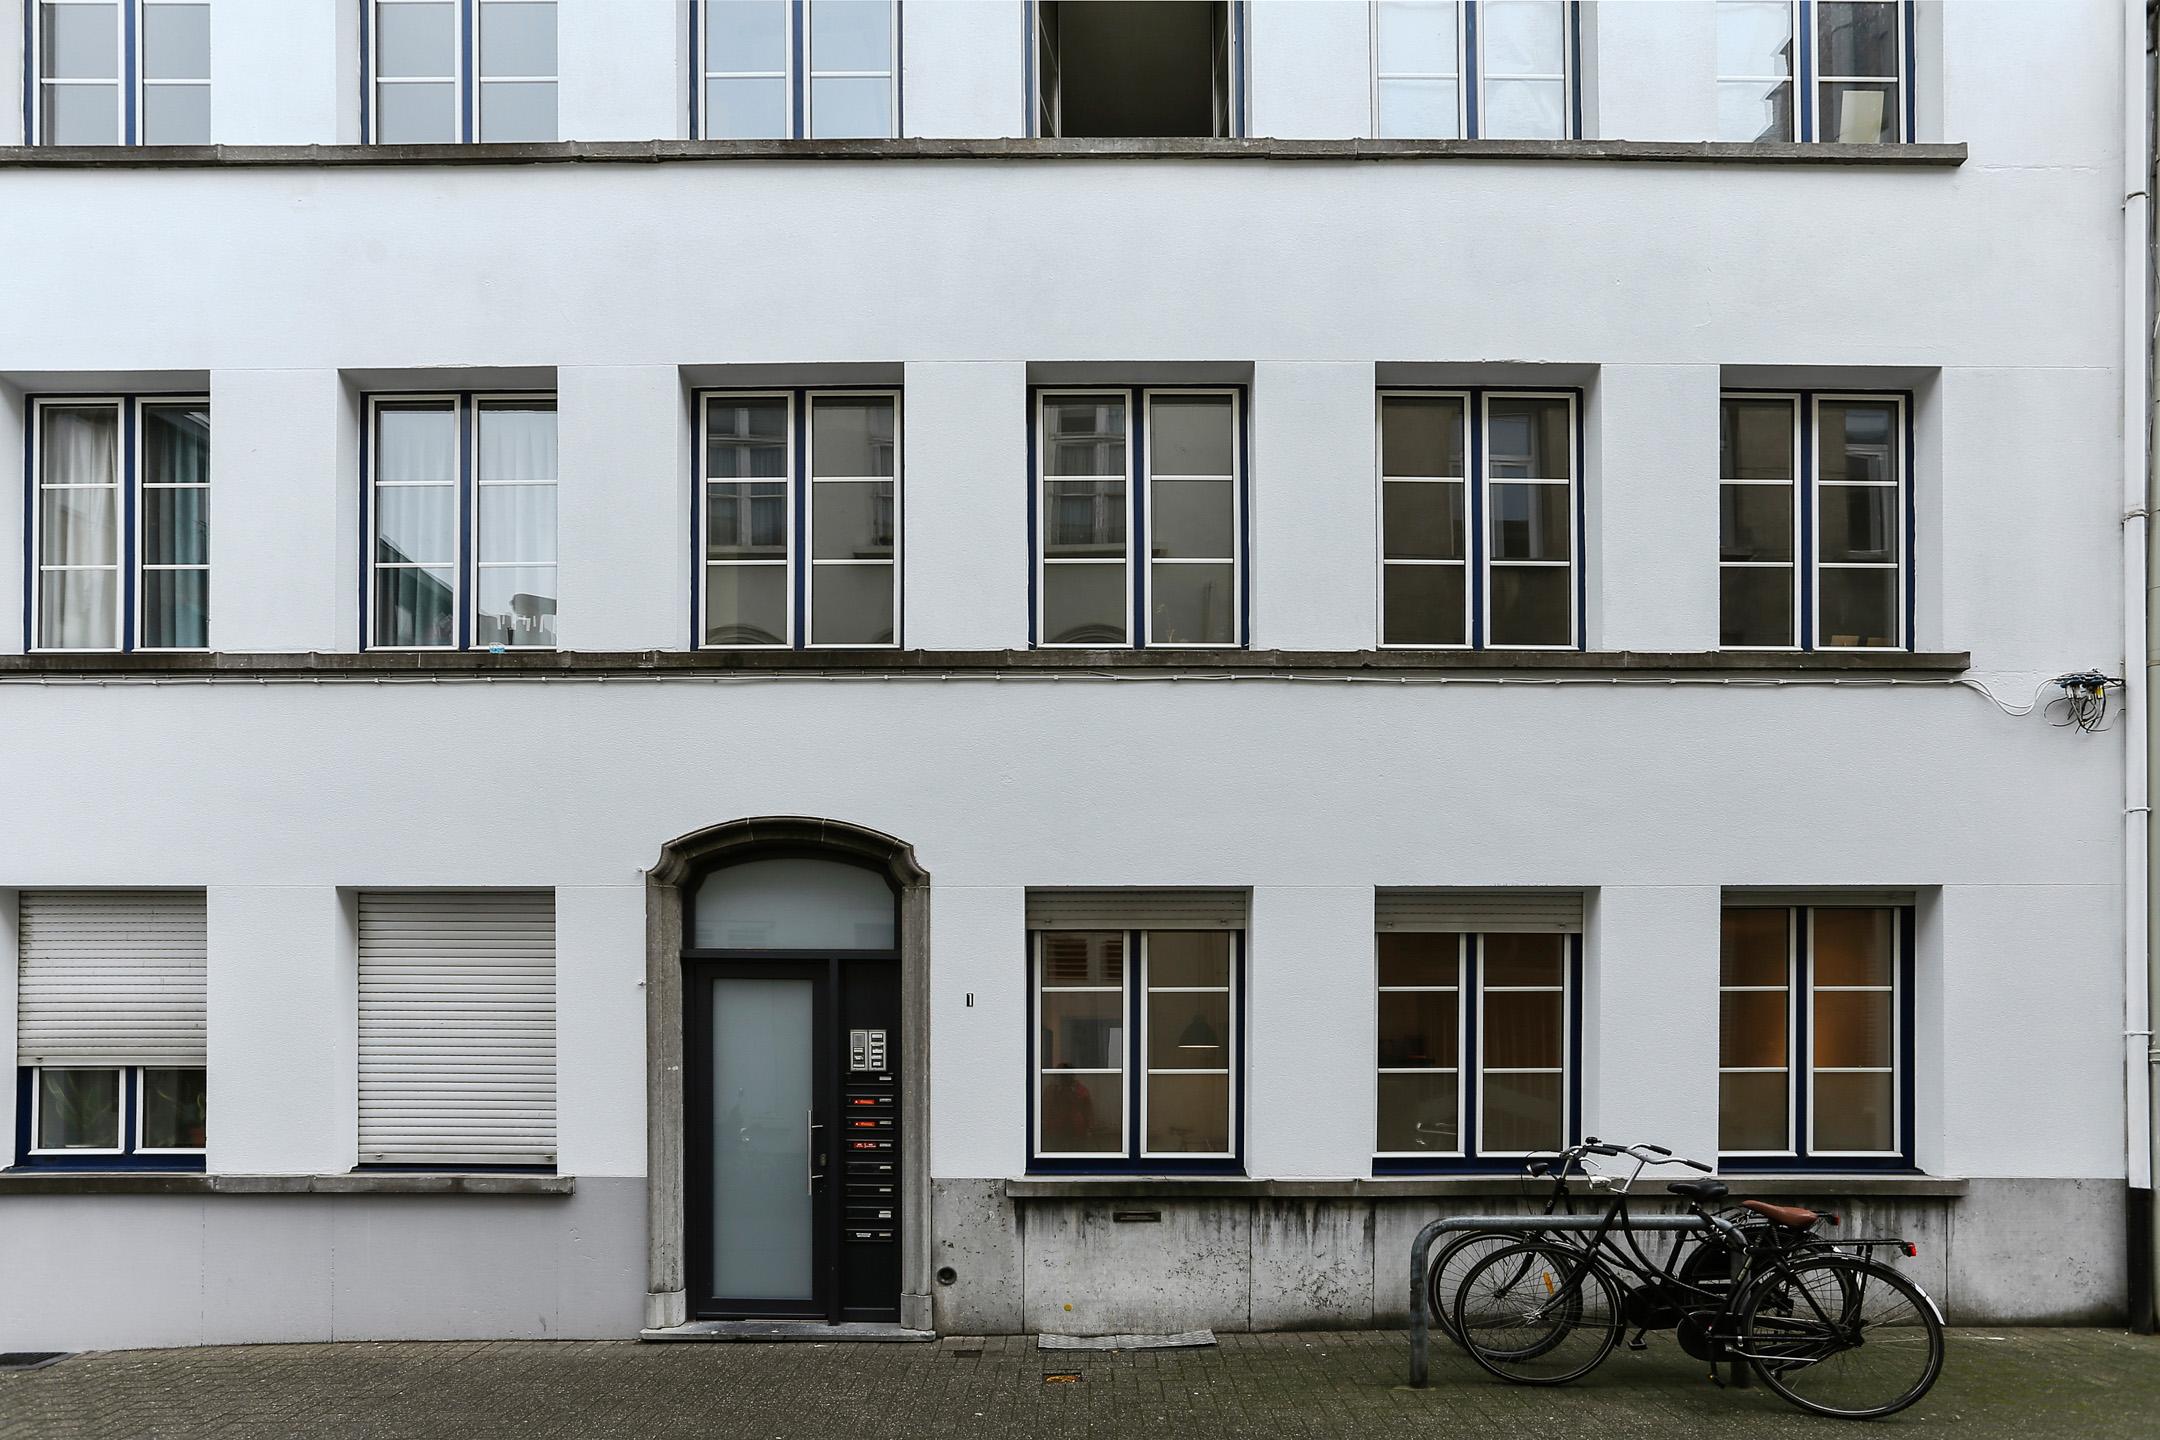 Neon vastgoed immo te koop appartement antwerpen for Gelijkvloers appartement te koop antwerpen